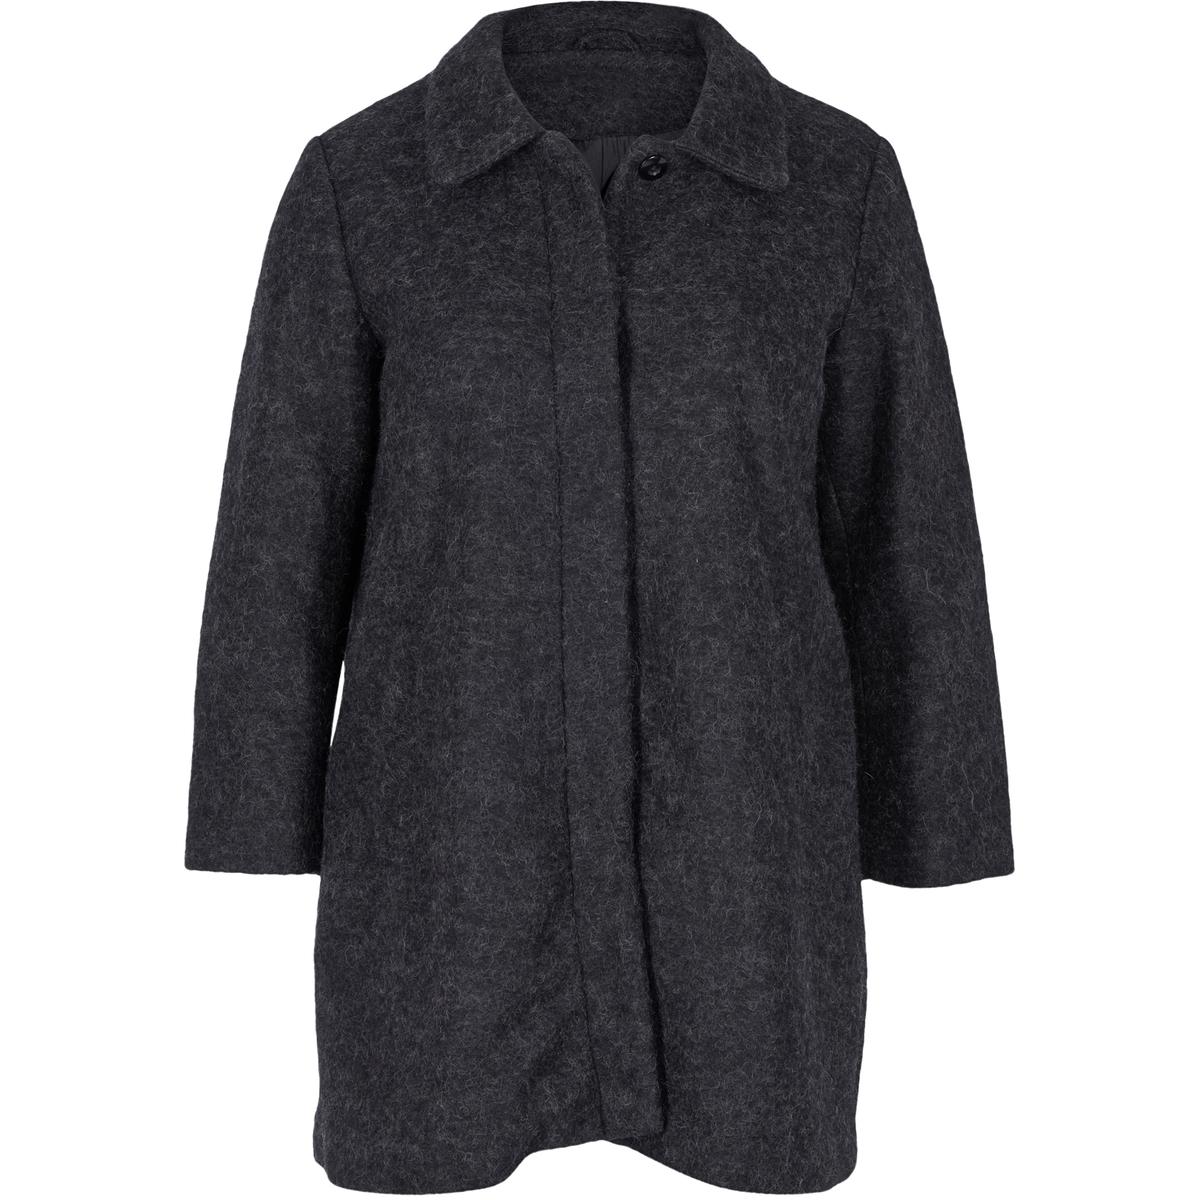 Пальто, 60% шерстиПальто - ZIZZI. 60% шерсти, 40% полиэстера.Красивое пальто Zizzi. Шерсть высокого качества. Прямой покрой, скрытая застежка на пуговицы. 2 кармана спереди.<br><br>Цвет: серый